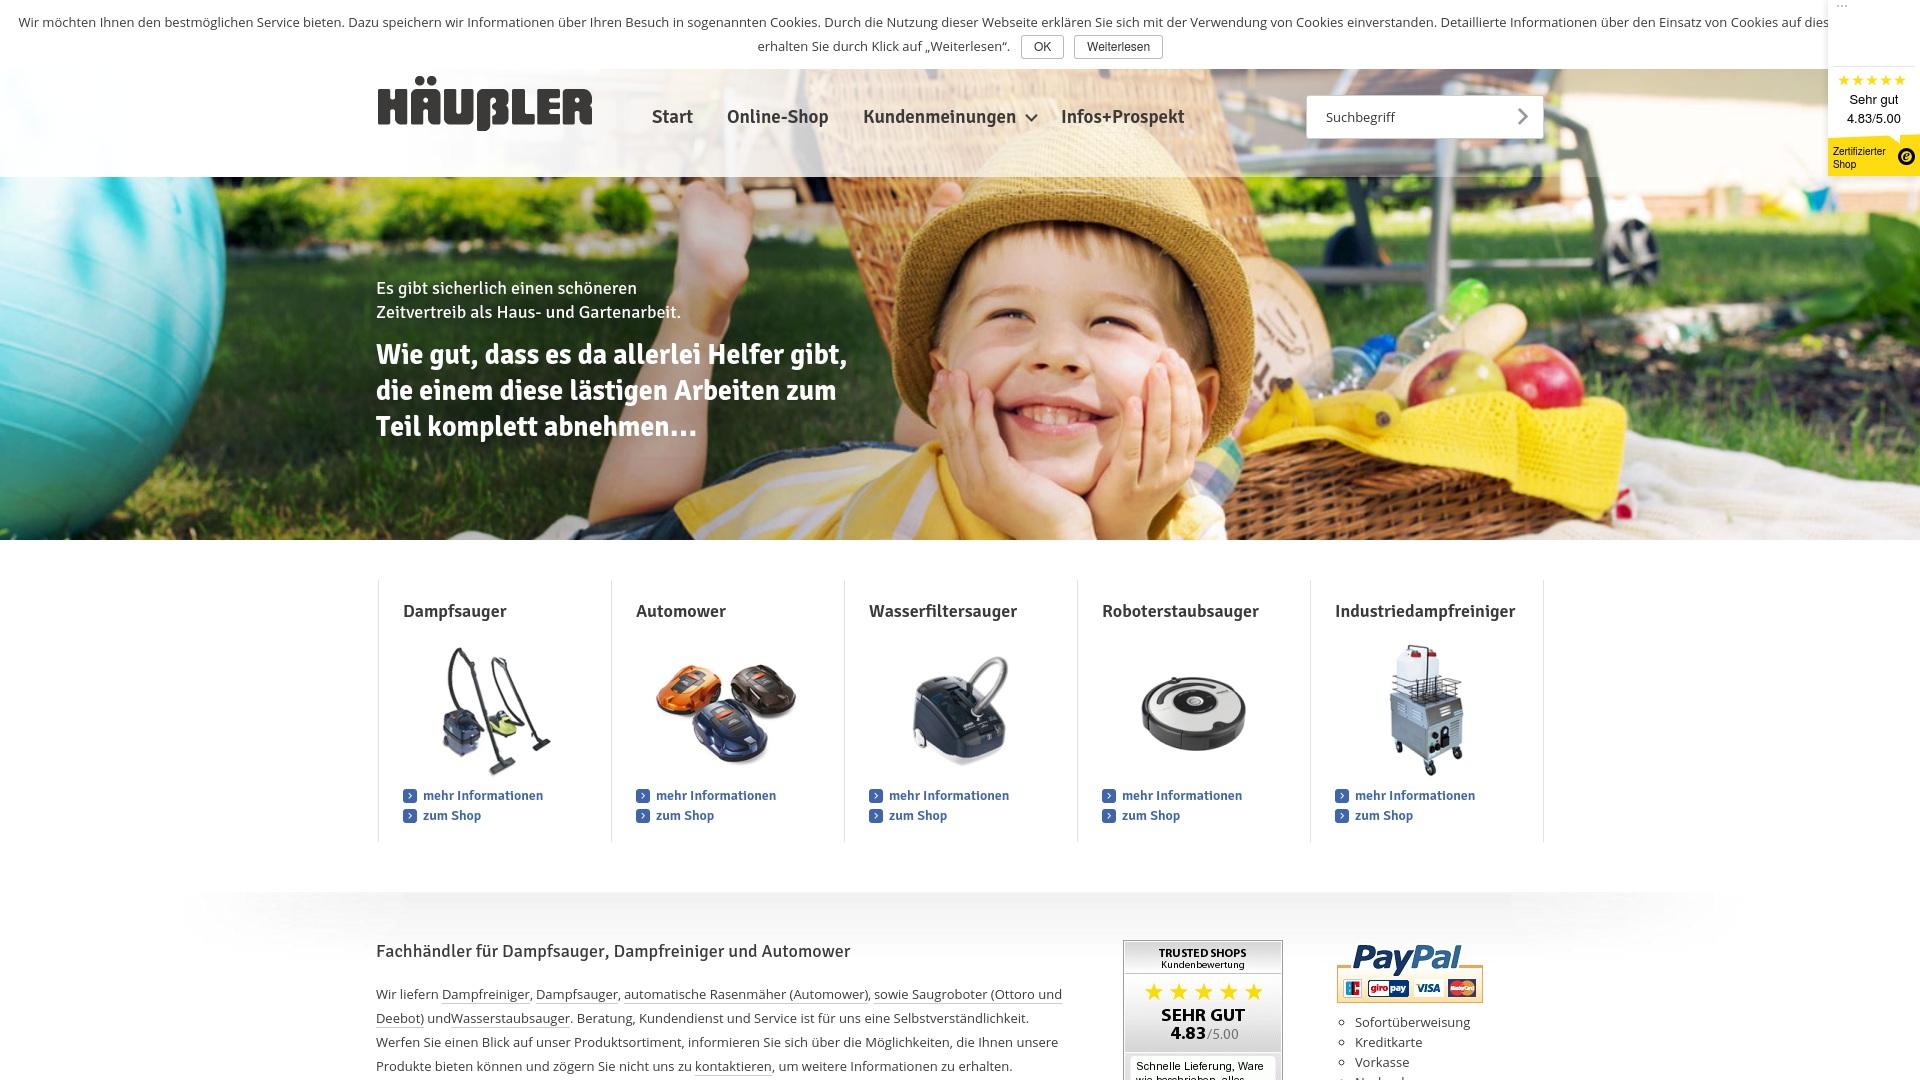 Gutschein für Karlhaeussler: Rabatte für  Karlhaeussler sichern